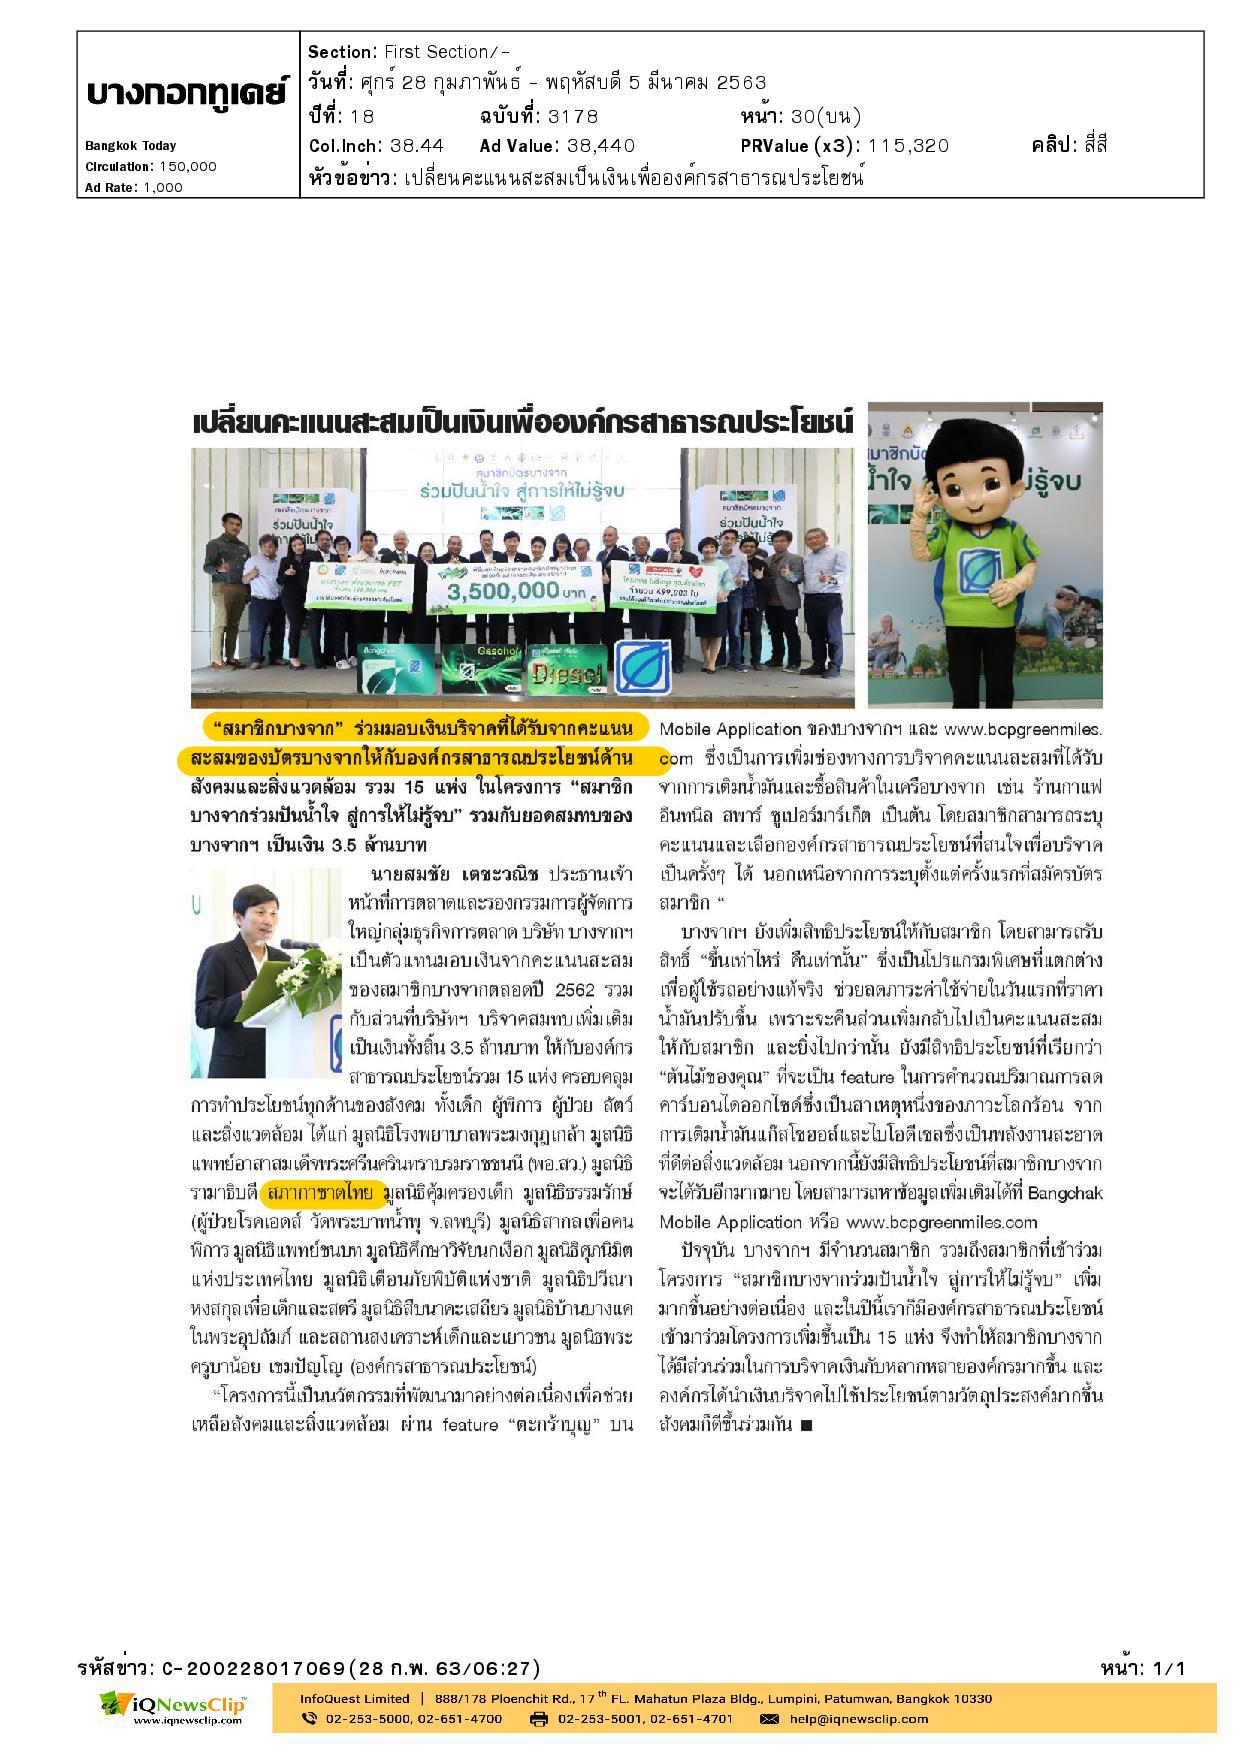 สมาชิกบางจากร่วมปันน้ำใจ  ให้สภากาชาดไทย